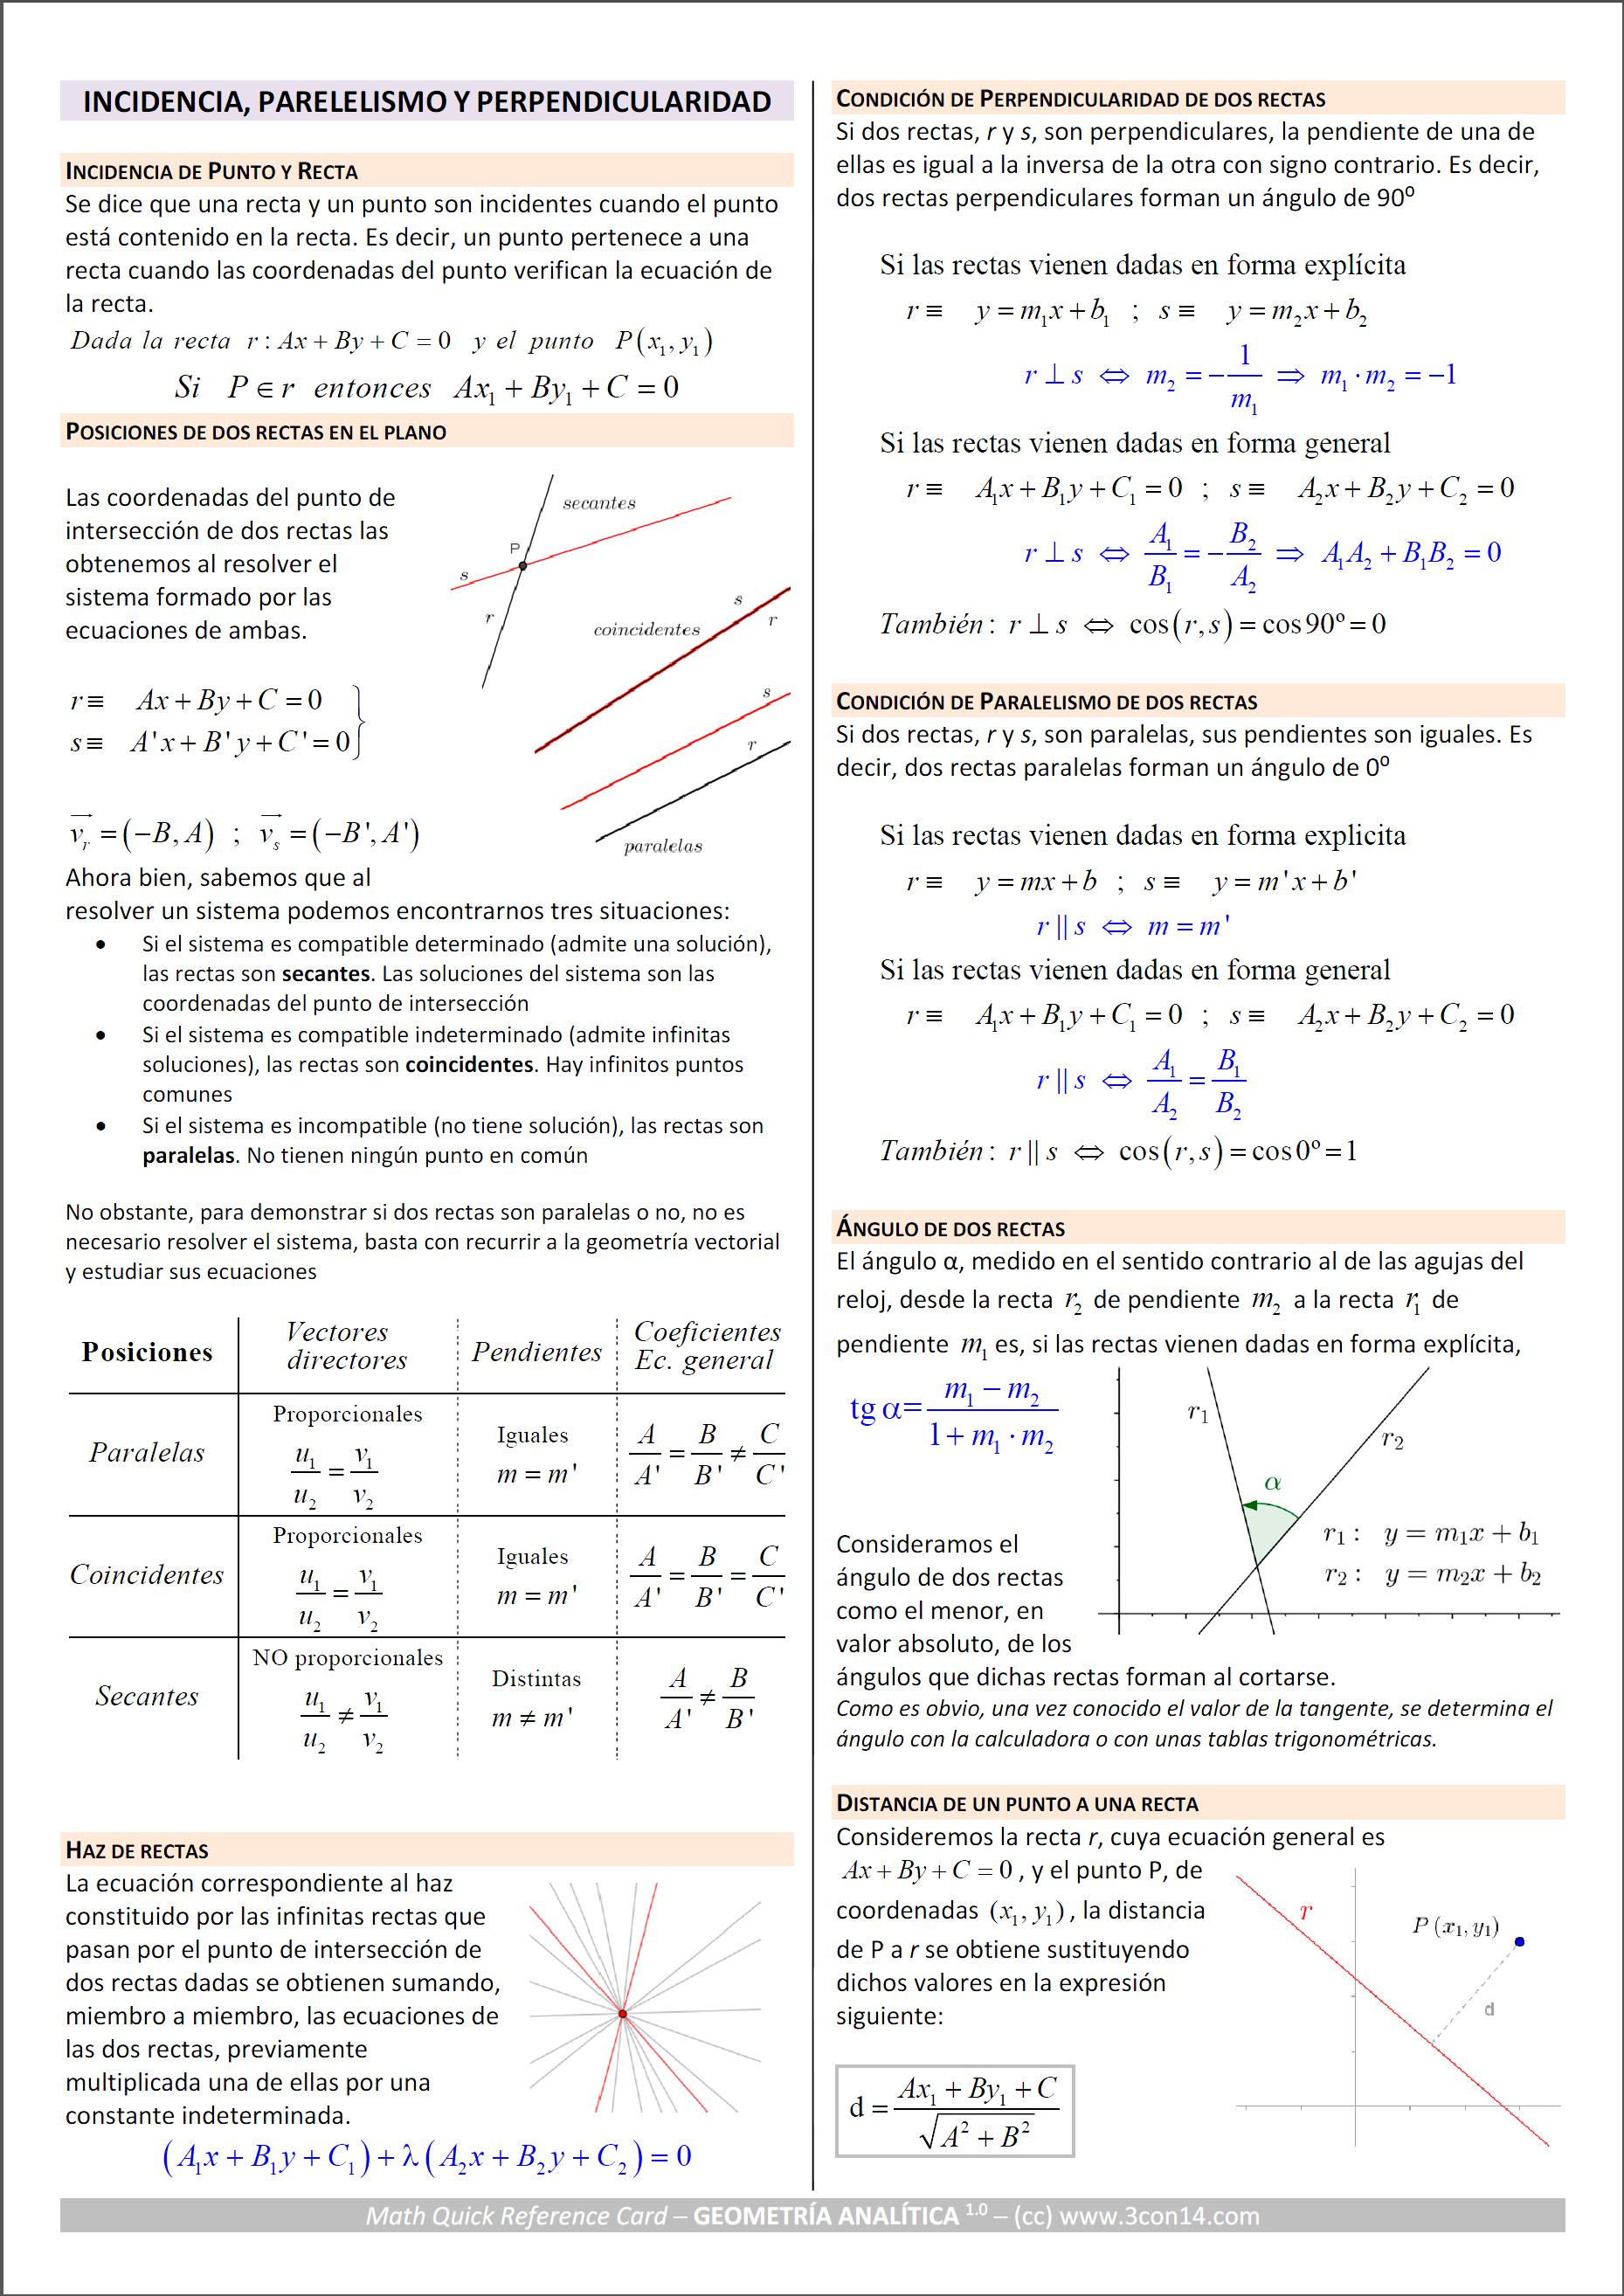 qrc incidencia | Matematica y geometria | Pinterest | Geometría ...